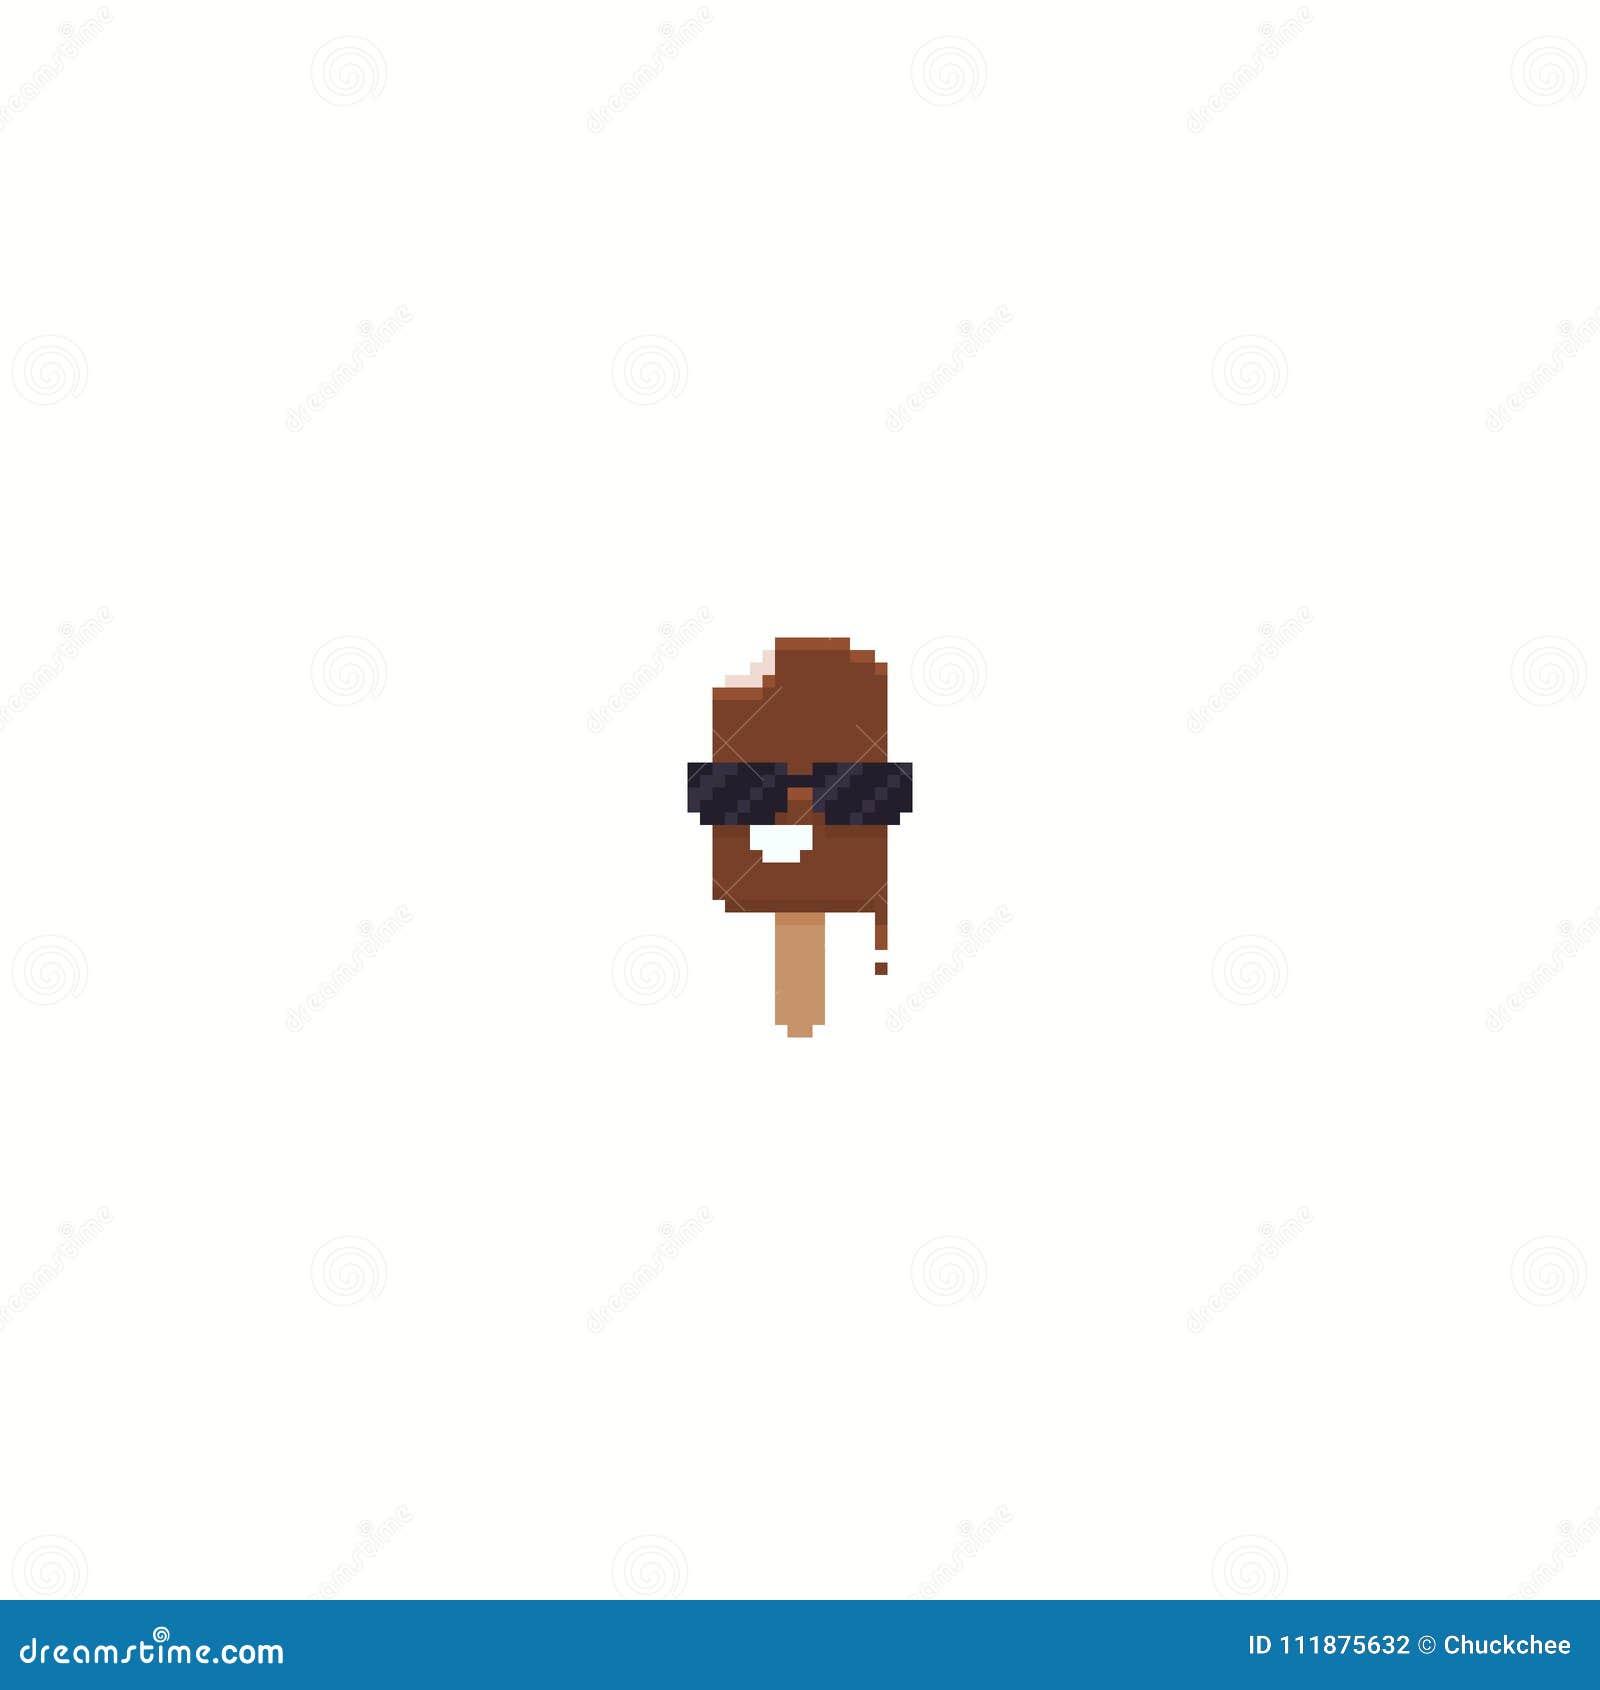 Pixel Art Icecream Illustration De Vecteur Illustration Du